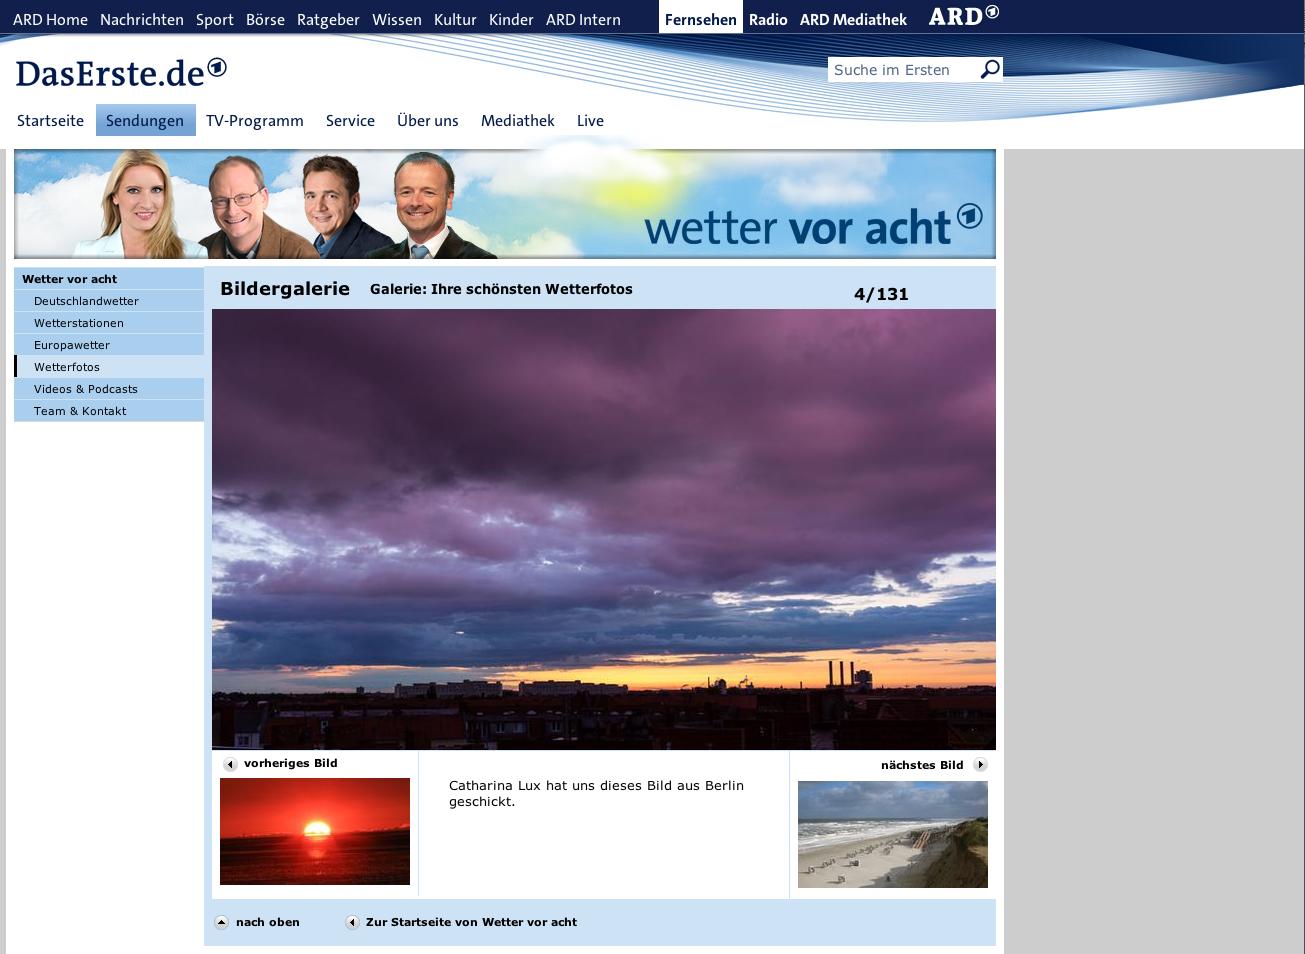 Bildschirmfoto 2014-07-02 um 21.22.30